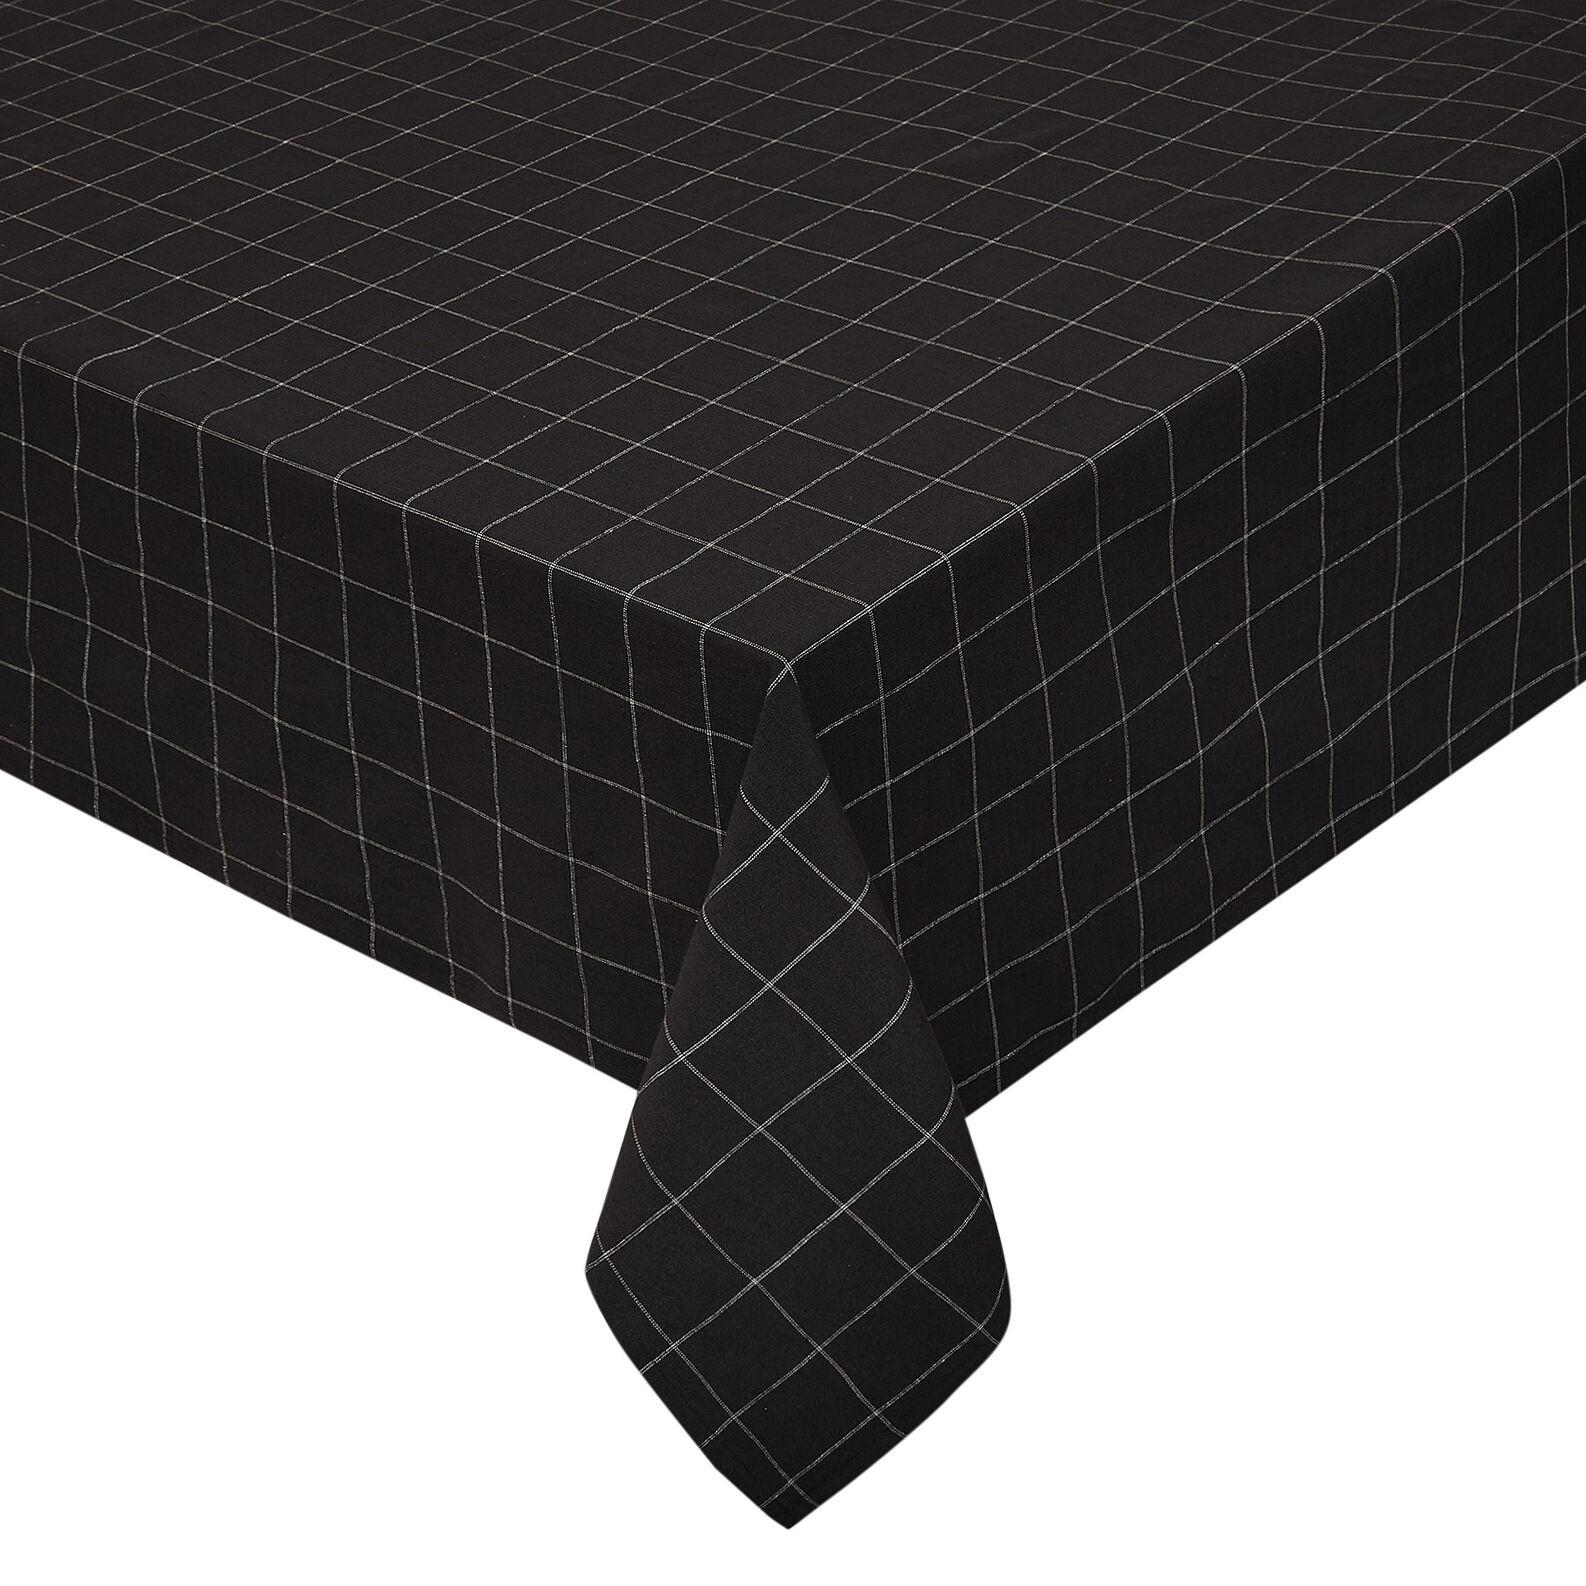 100% cotton check tablecloth